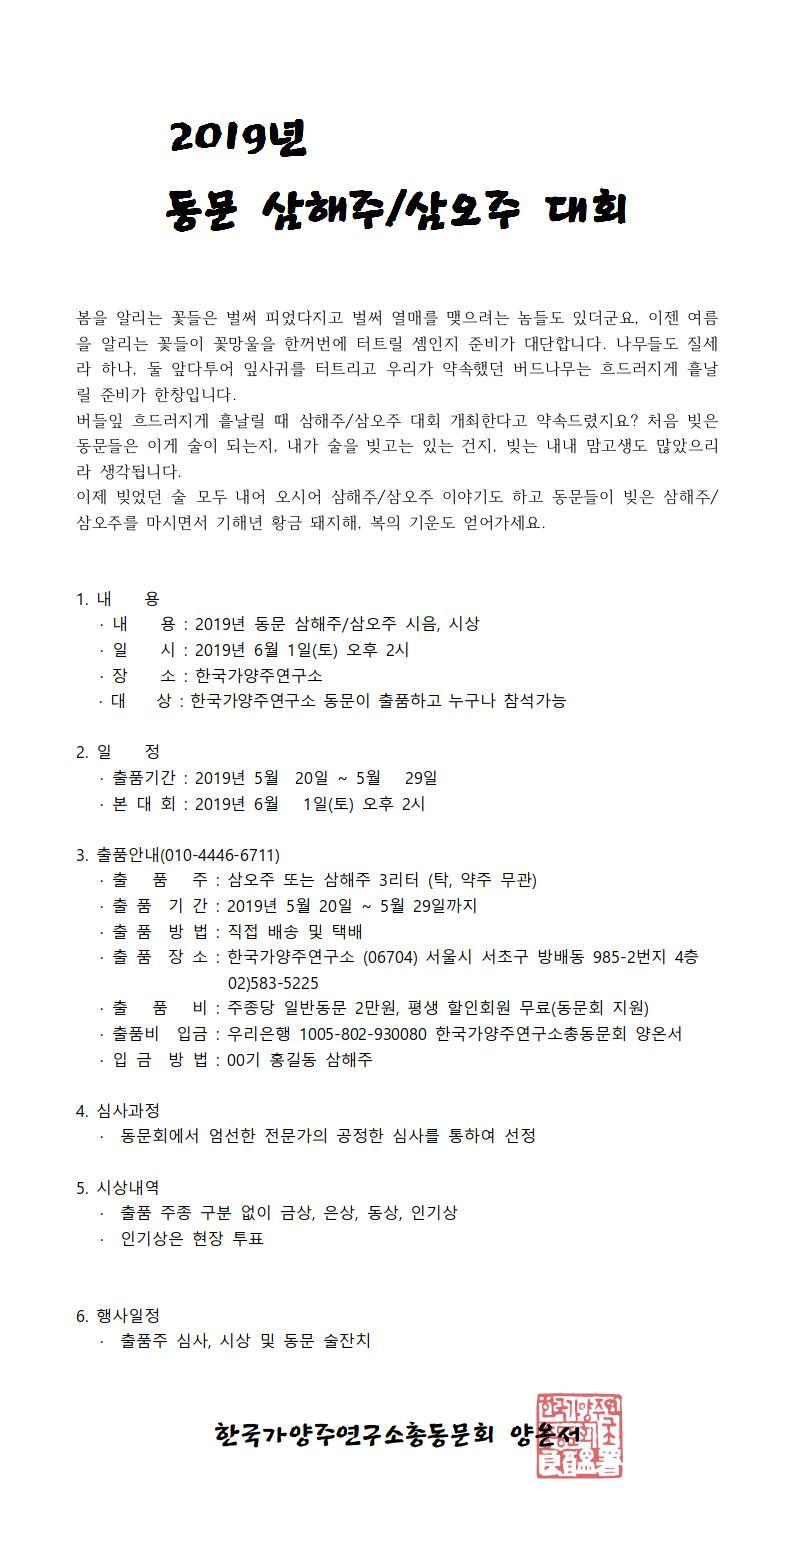 20190426 삼해주 삼오주 대회 안내_0001.jpg